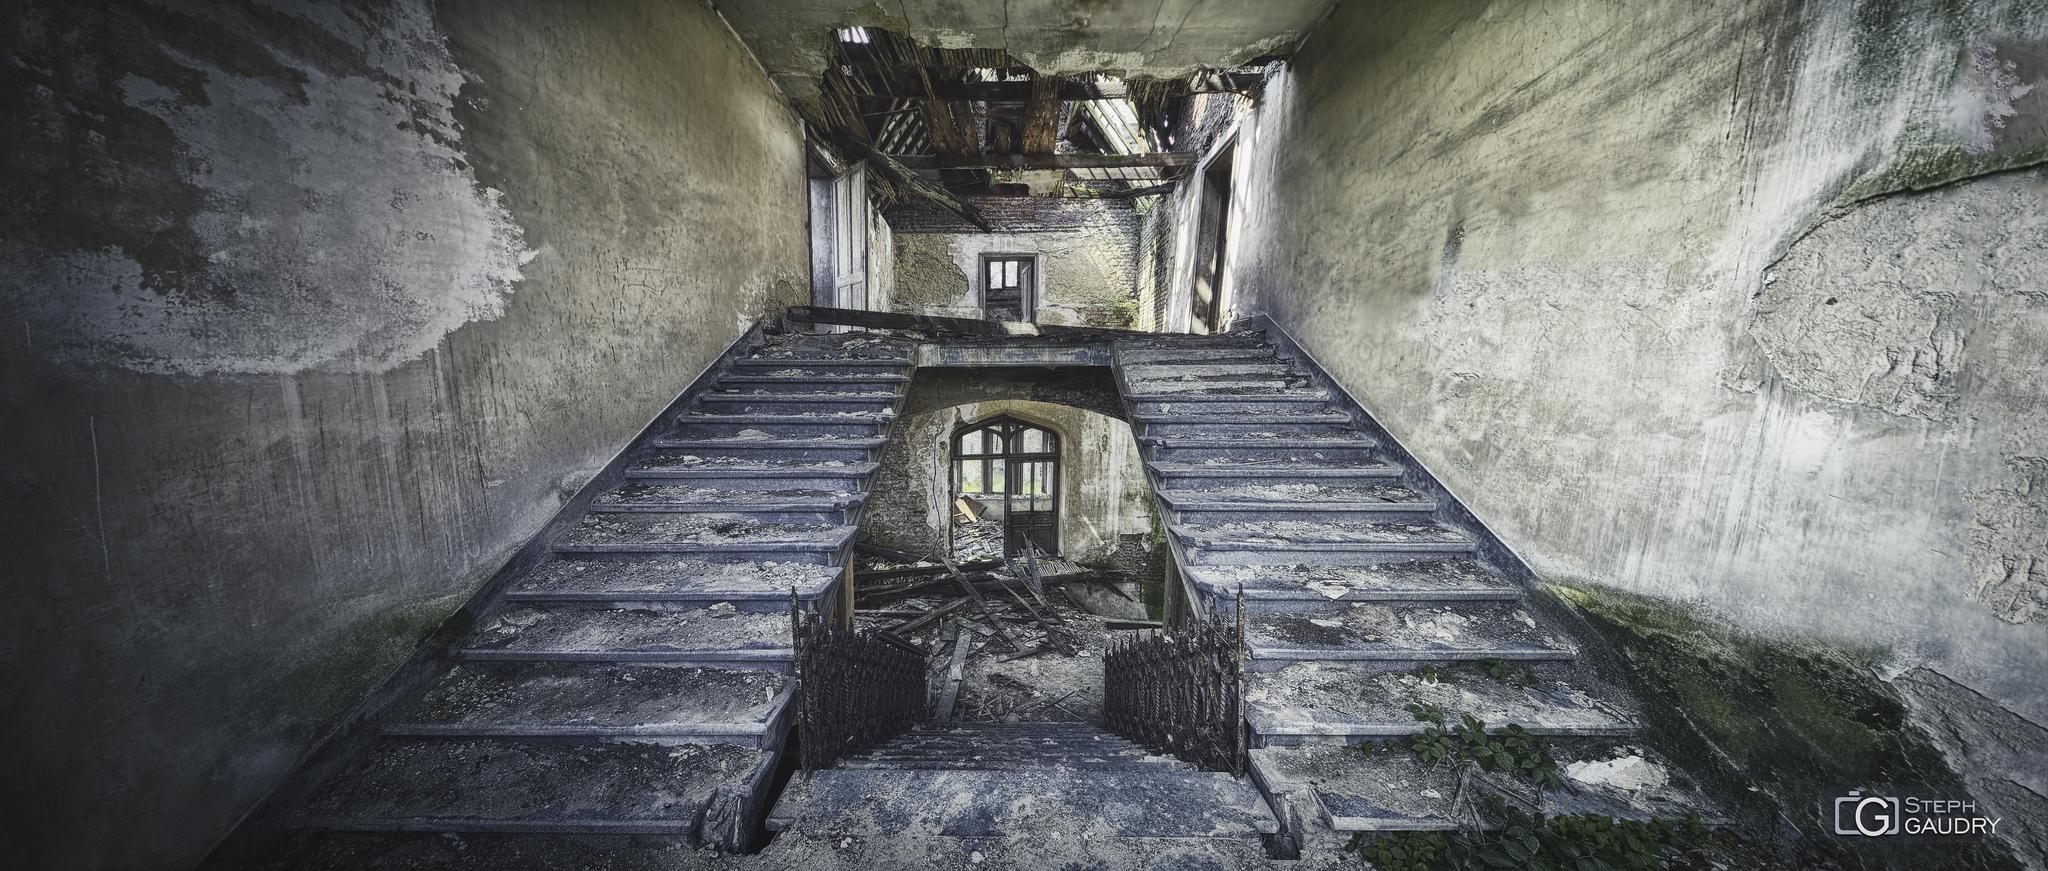 Château de Messen - escalier [Klicken Sie hier, um die Diashow zu starten]